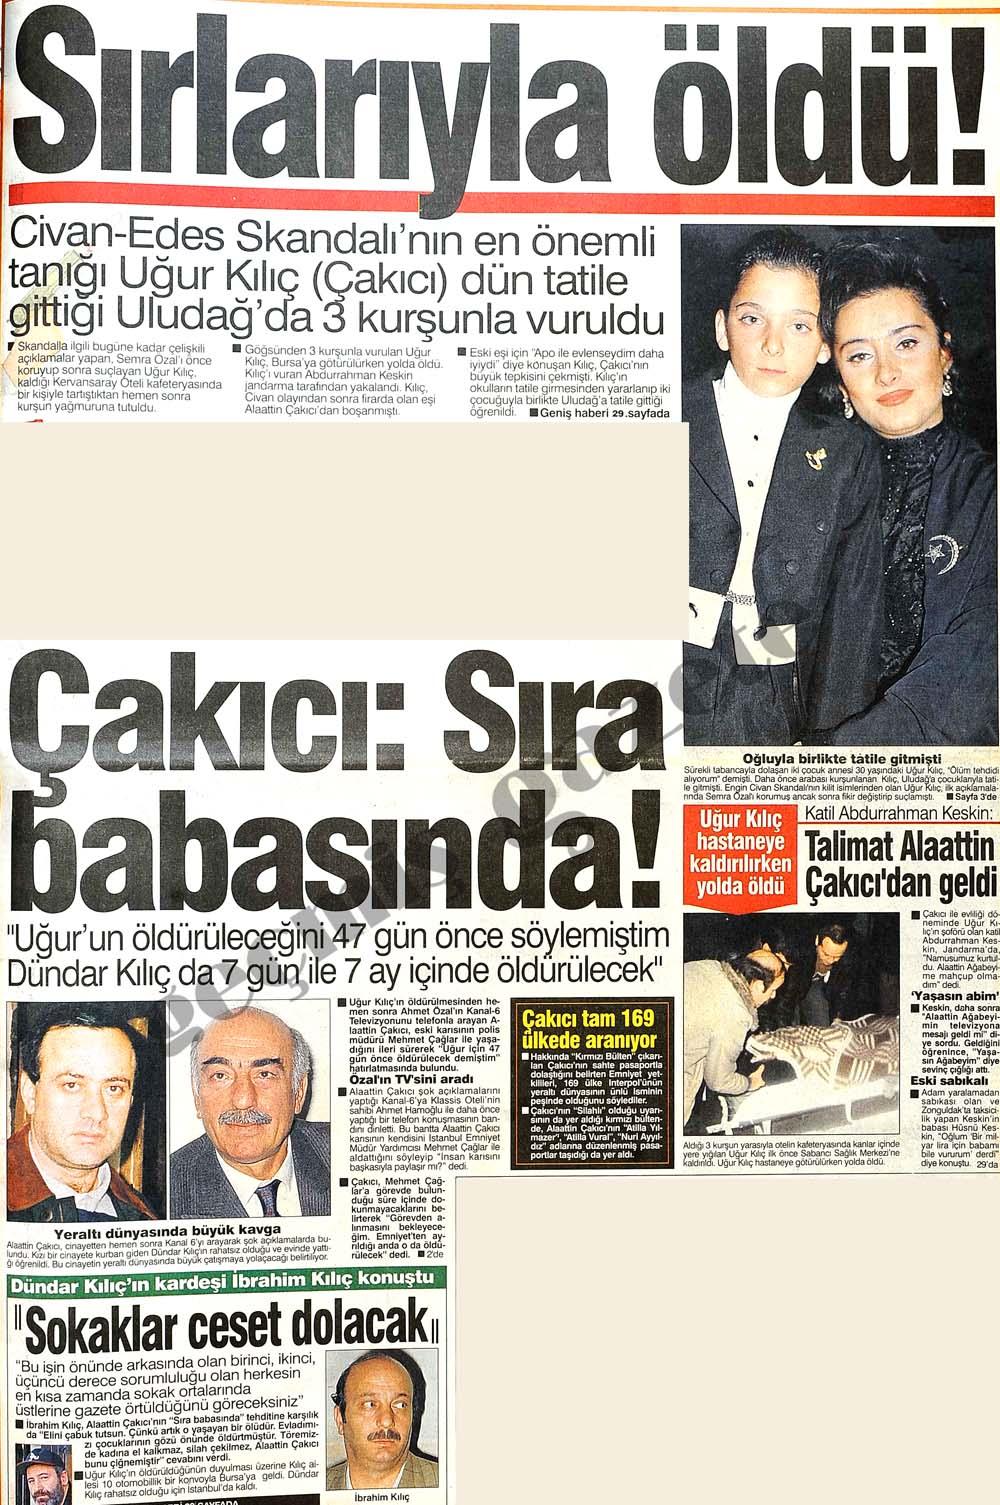 Uğur Kılıç (Çakıcı) dün tatile gittiği Uludağ'da 3 kurşunla vuruldu